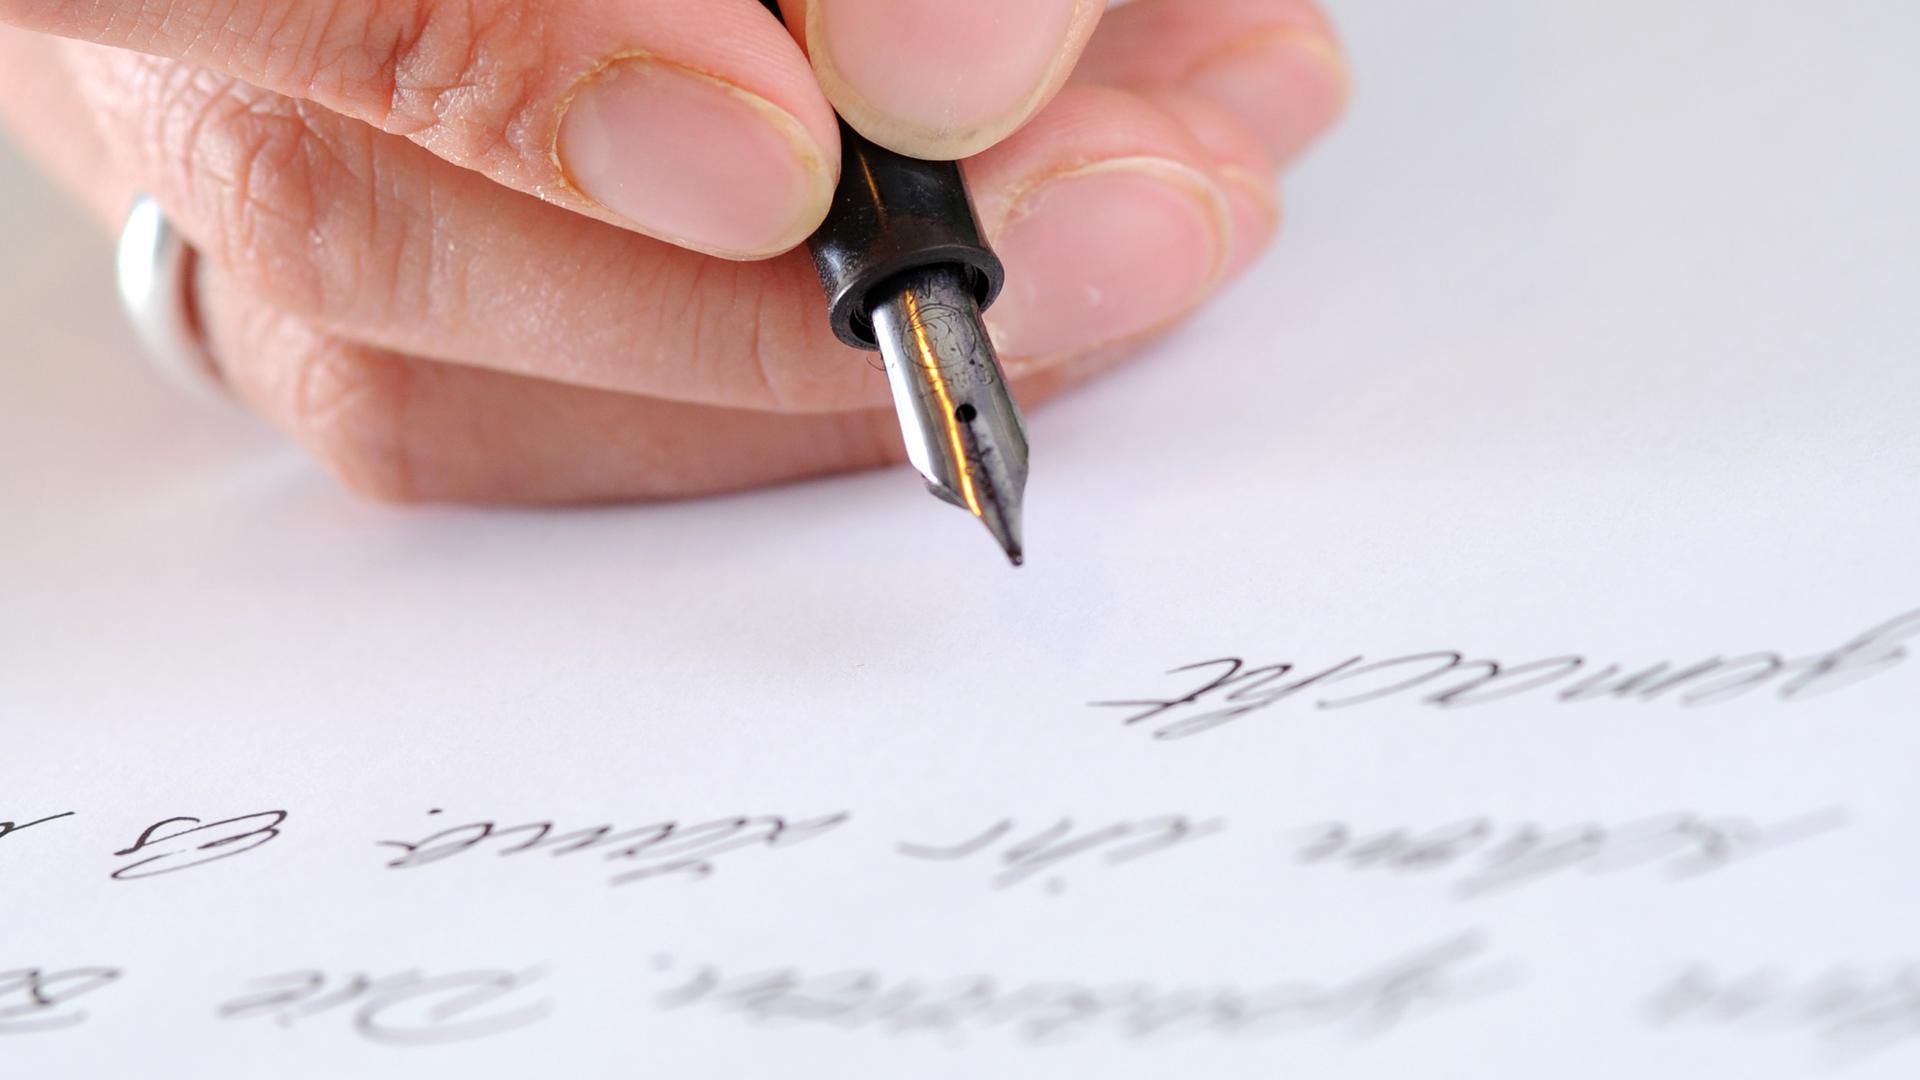 In persönlichen Briefen wenden sich BNN-Redakteure an ihre Eltern, die sie wegen des Coronavirus momentan nicht besuchen können.